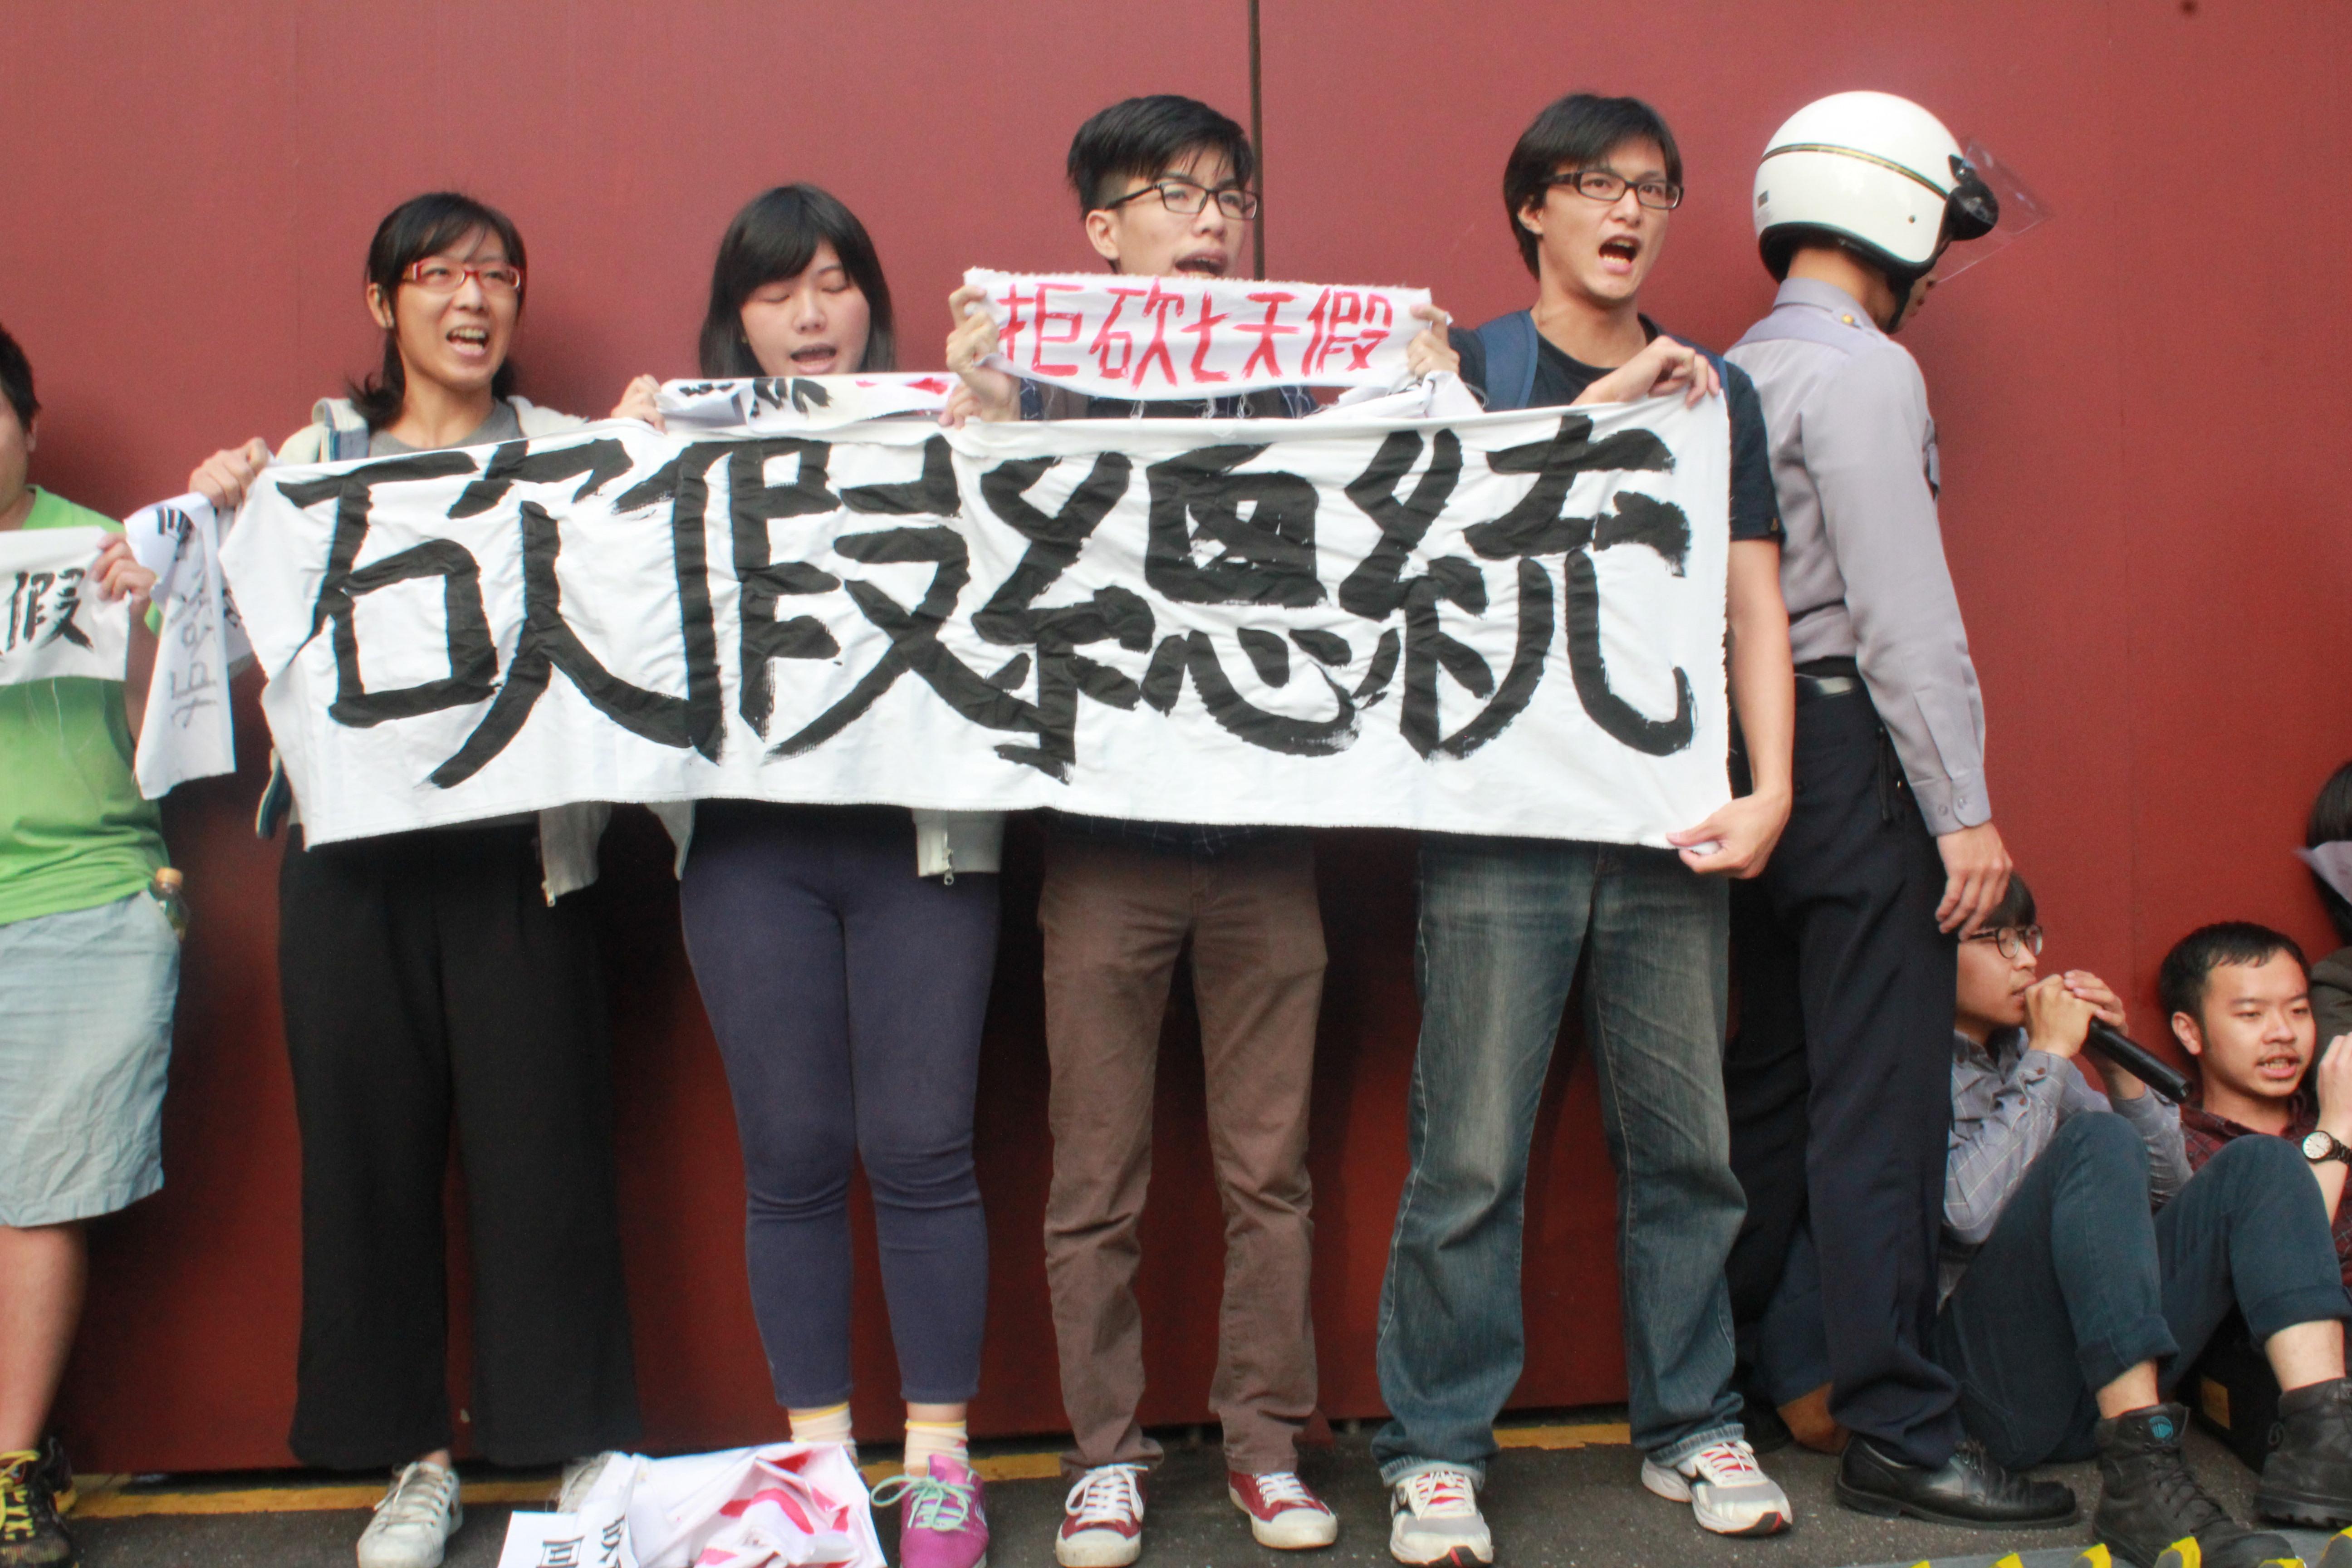 """青年团体于南海官邸拉布条""""拒砍七天假""""。(摄影:张宗坤)"""